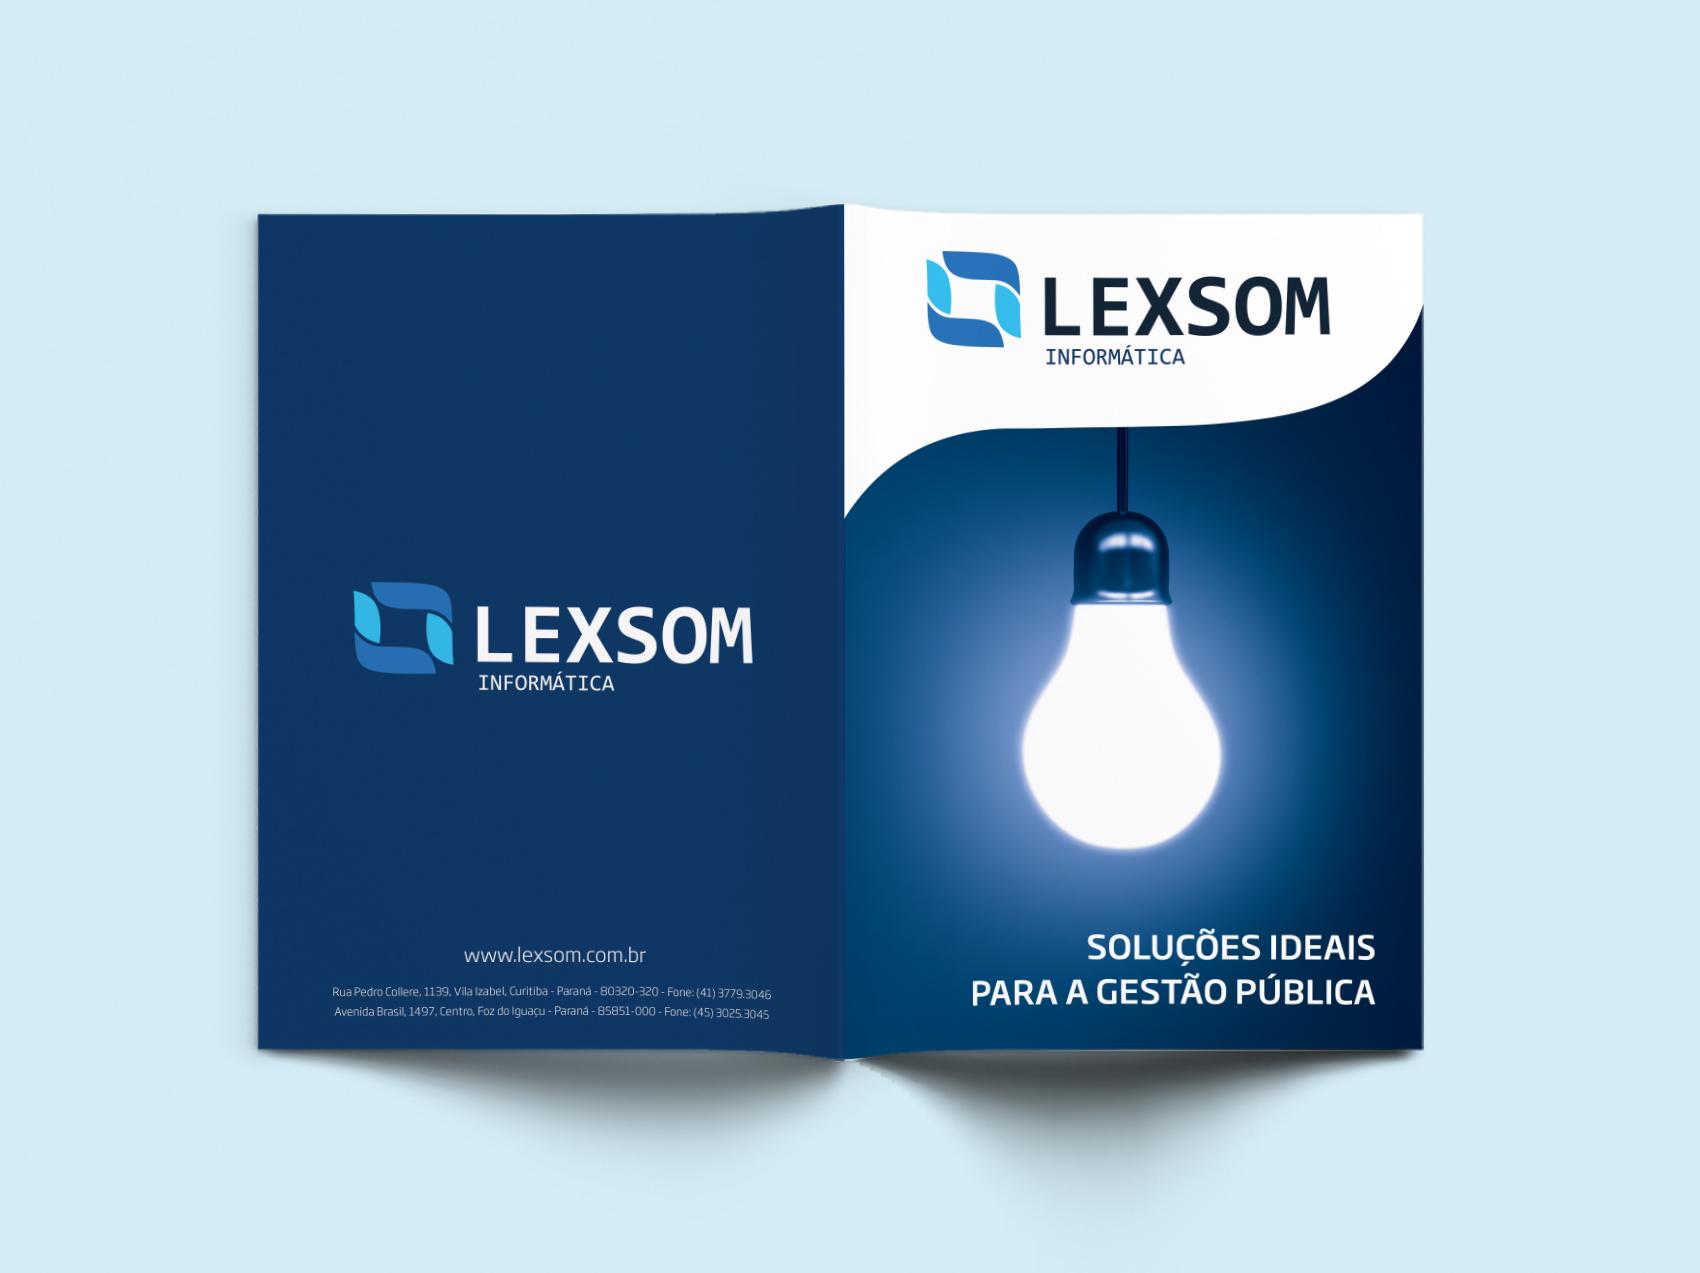 lexson_06